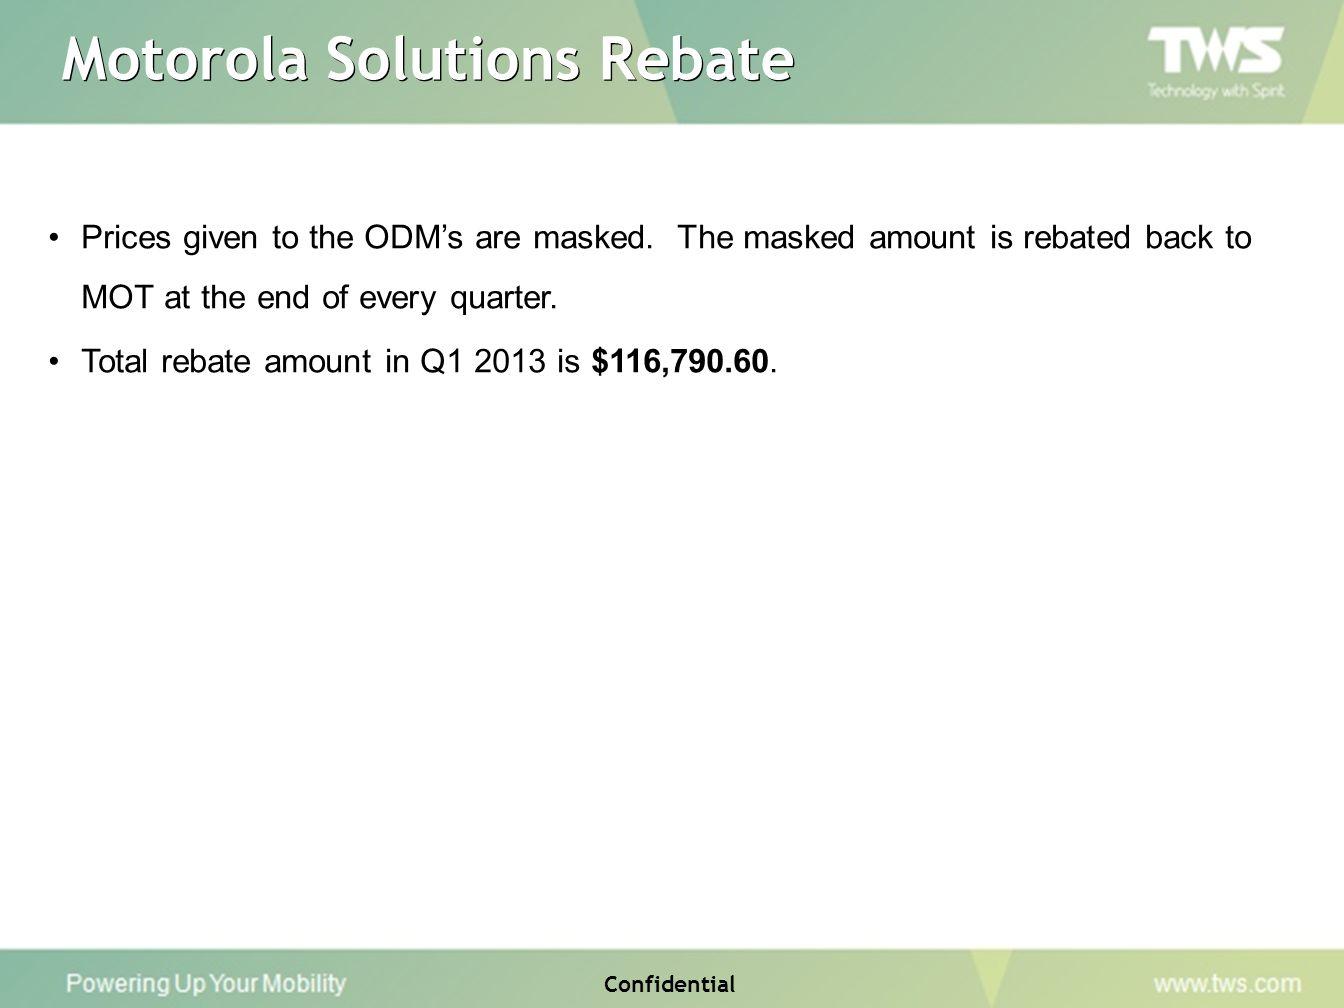 Motorola Solutions Rebate